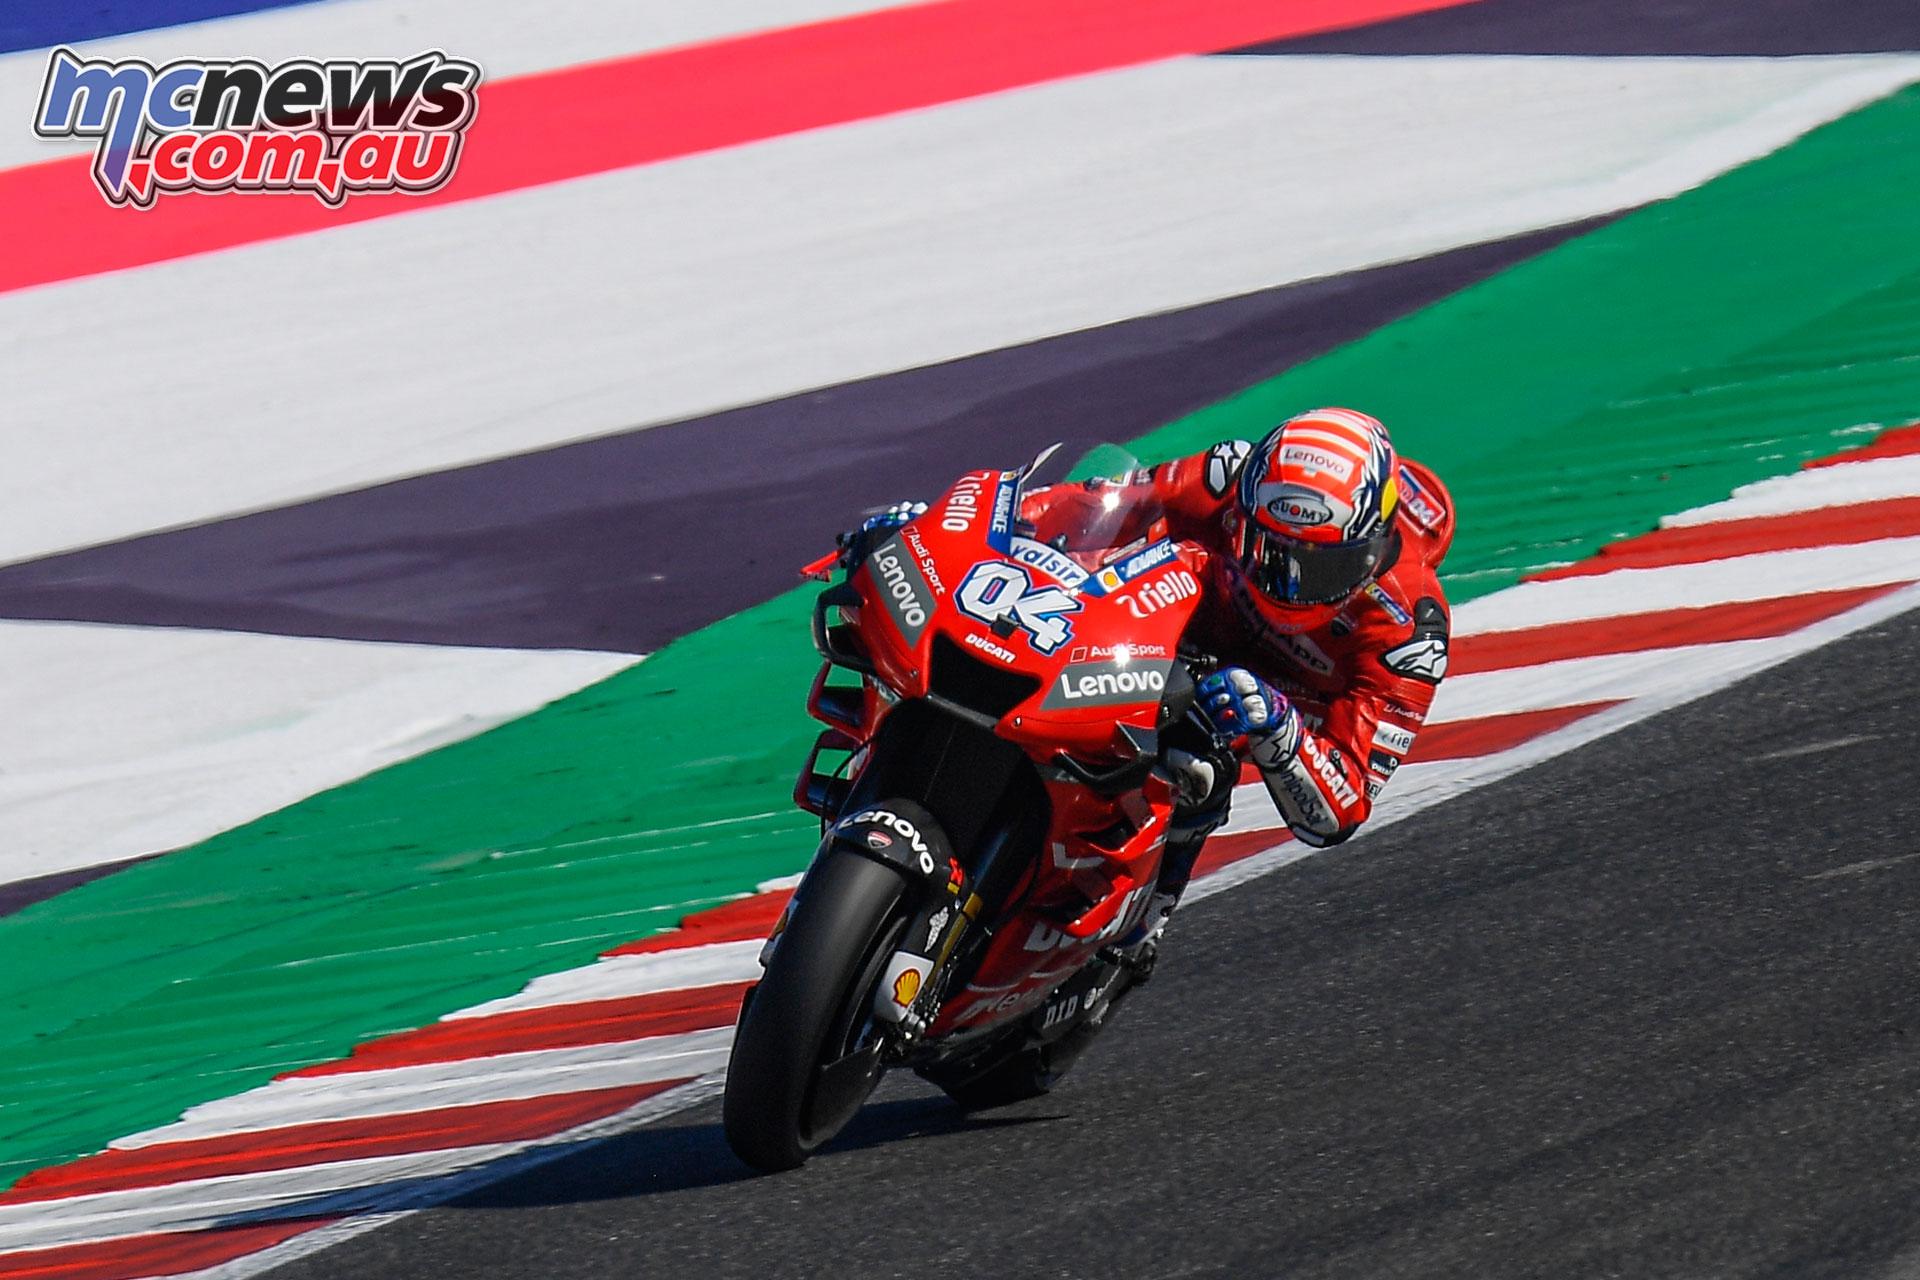 MotoGP Rnd Misano Fri Dovizioso